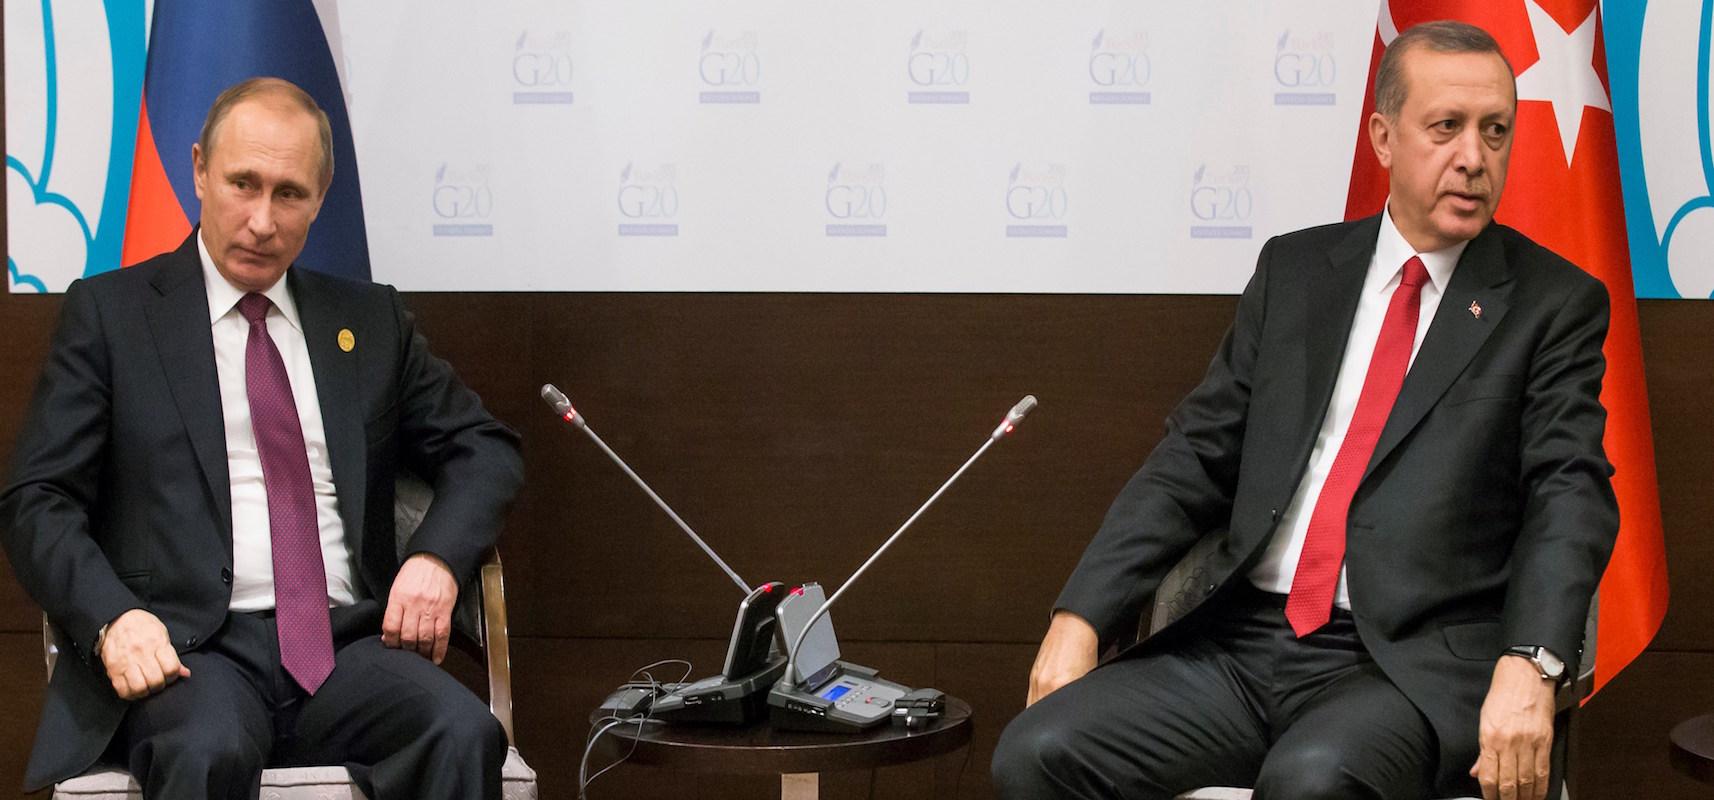 Bakan Şimşek Rusya ile krizinden etkilenilmeyeceğine inanmak istiyor